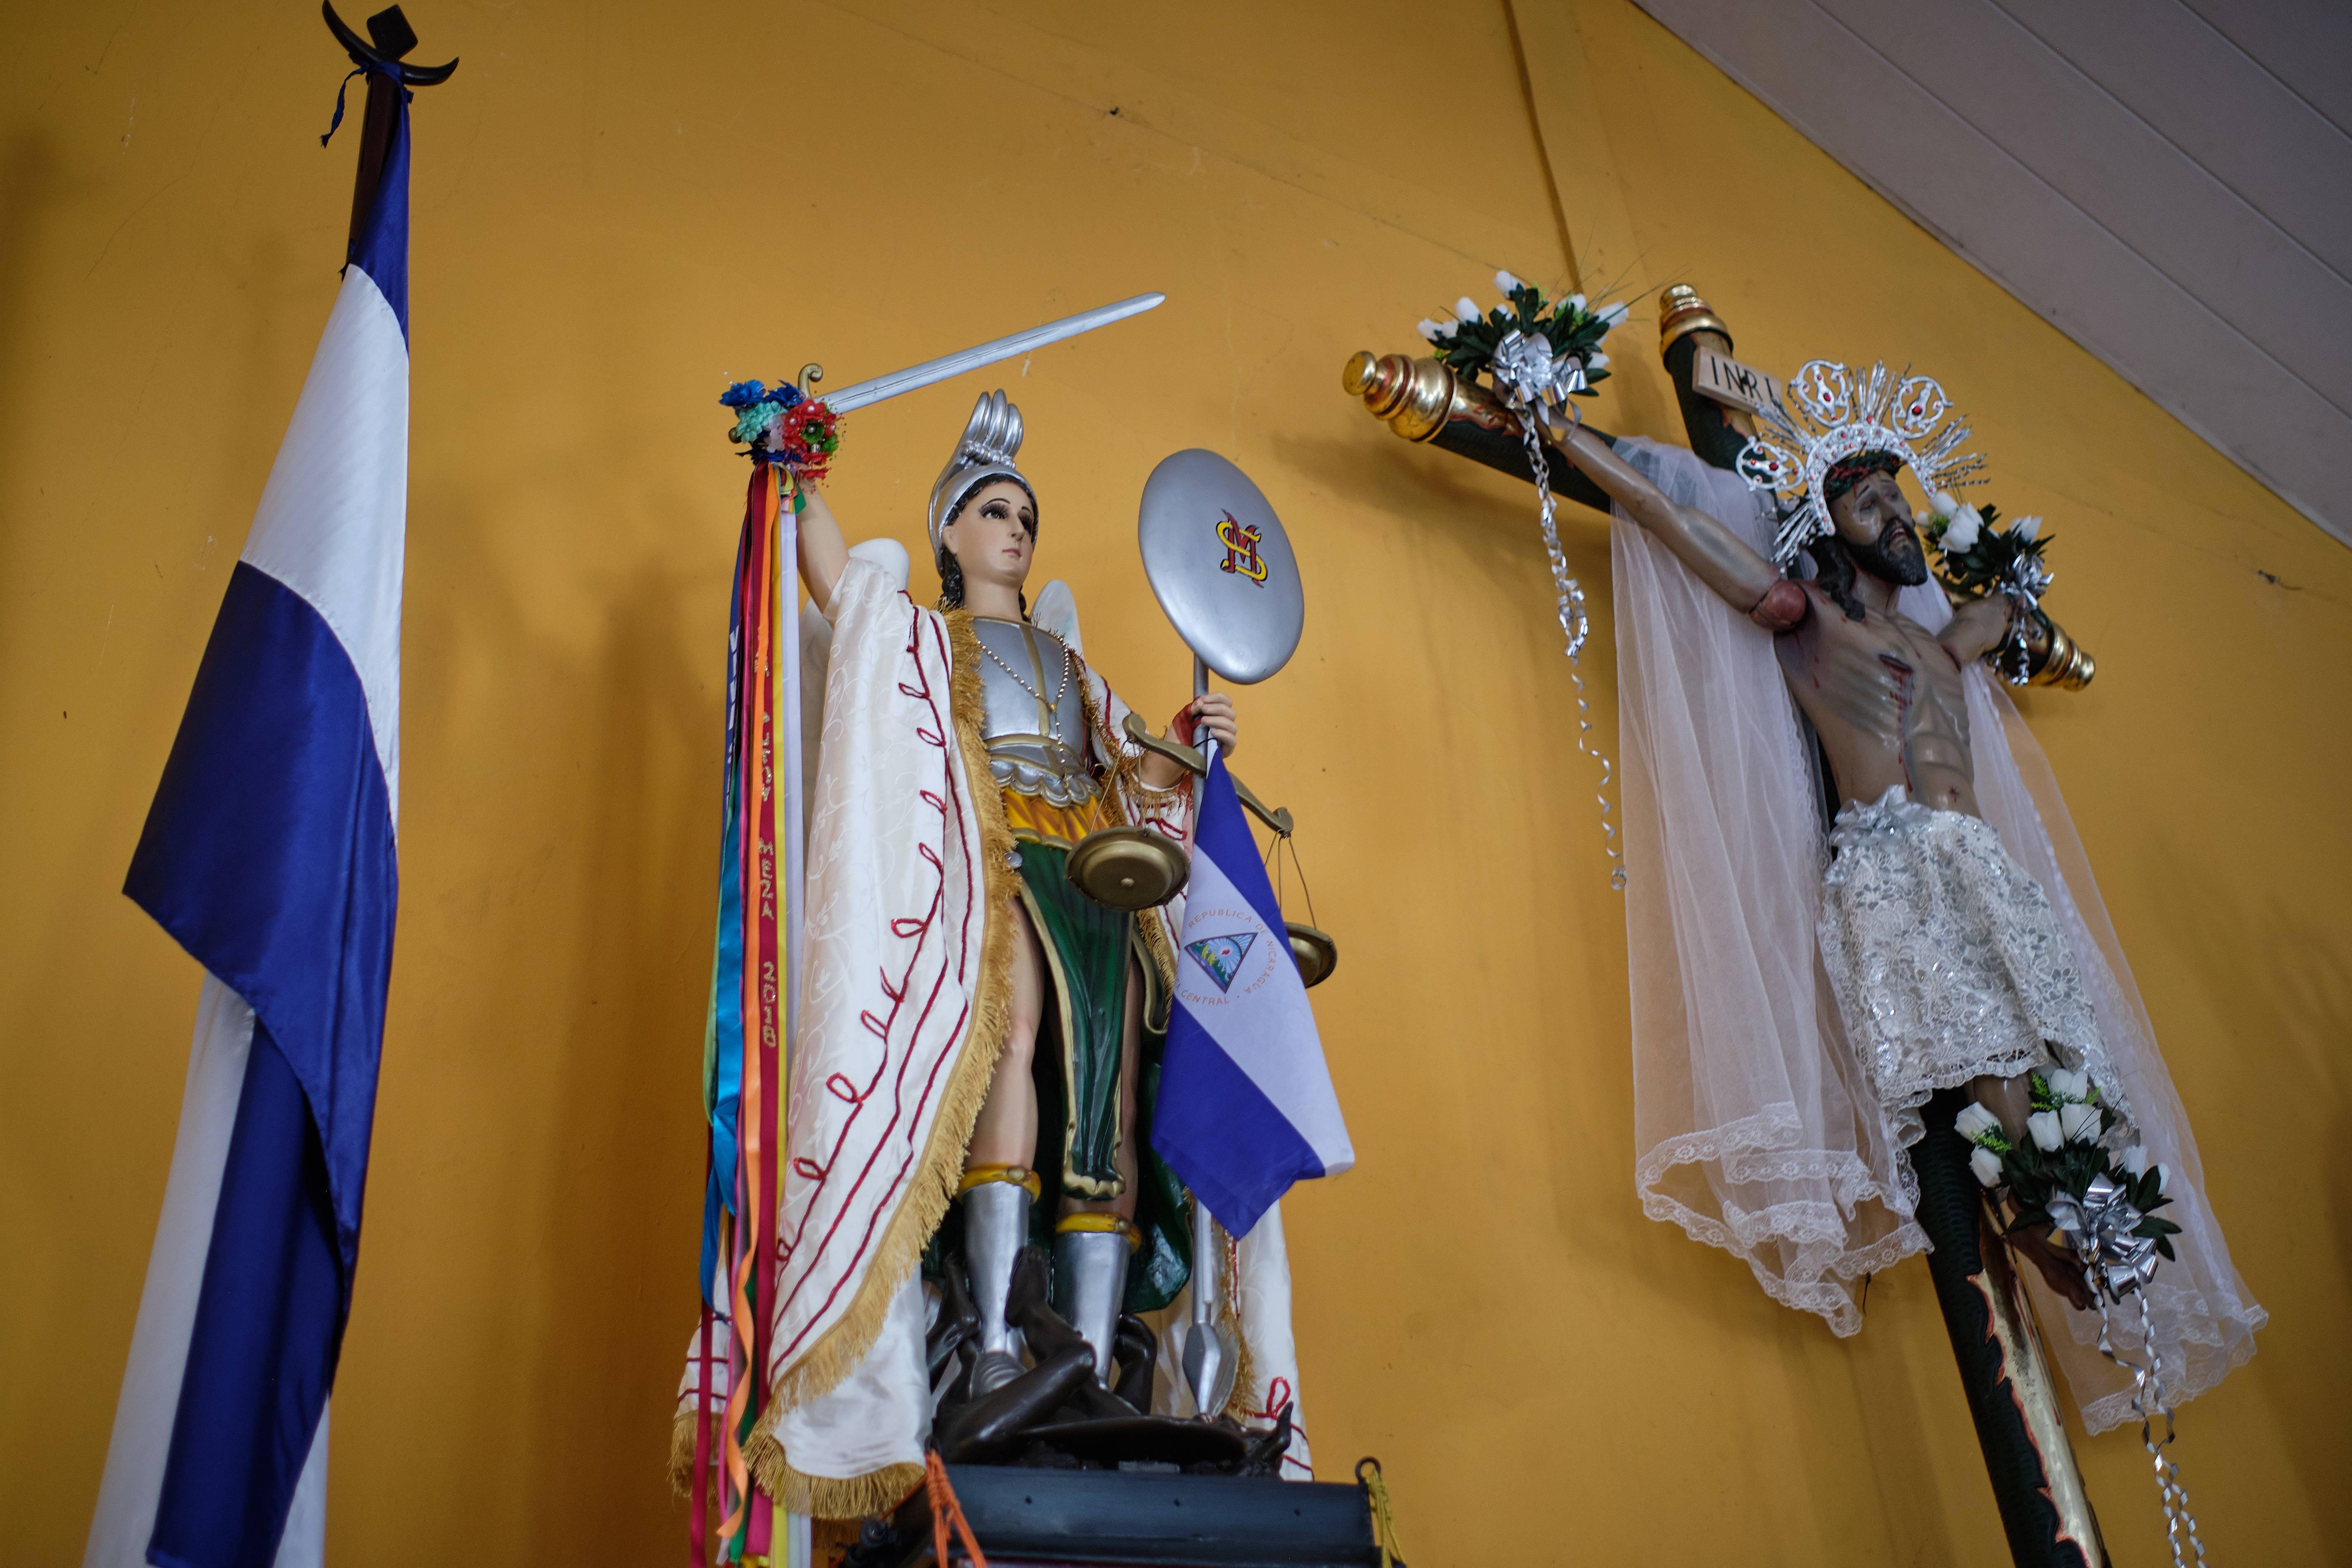 Estátuas de São Miguel são adornadas com a bandeira da Nicarágua, que se tornou um símbolo de resistência ao governo de Ortega | Foto: Carlos Herrera/Washington Post